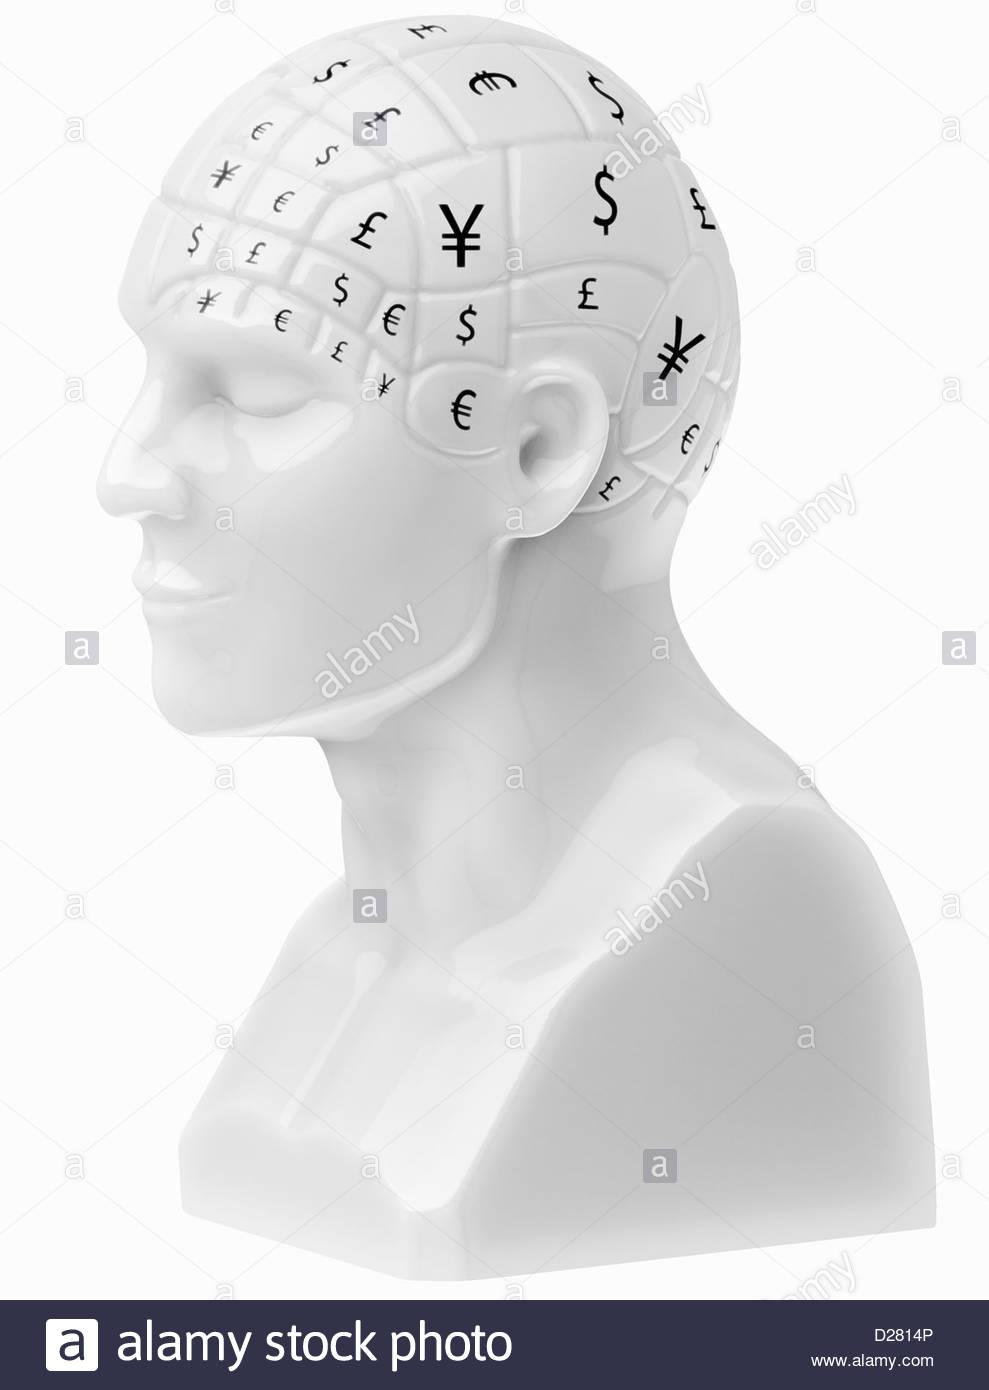 Los símbolos de moneda que cubre el cerebro en busto Foto de stock